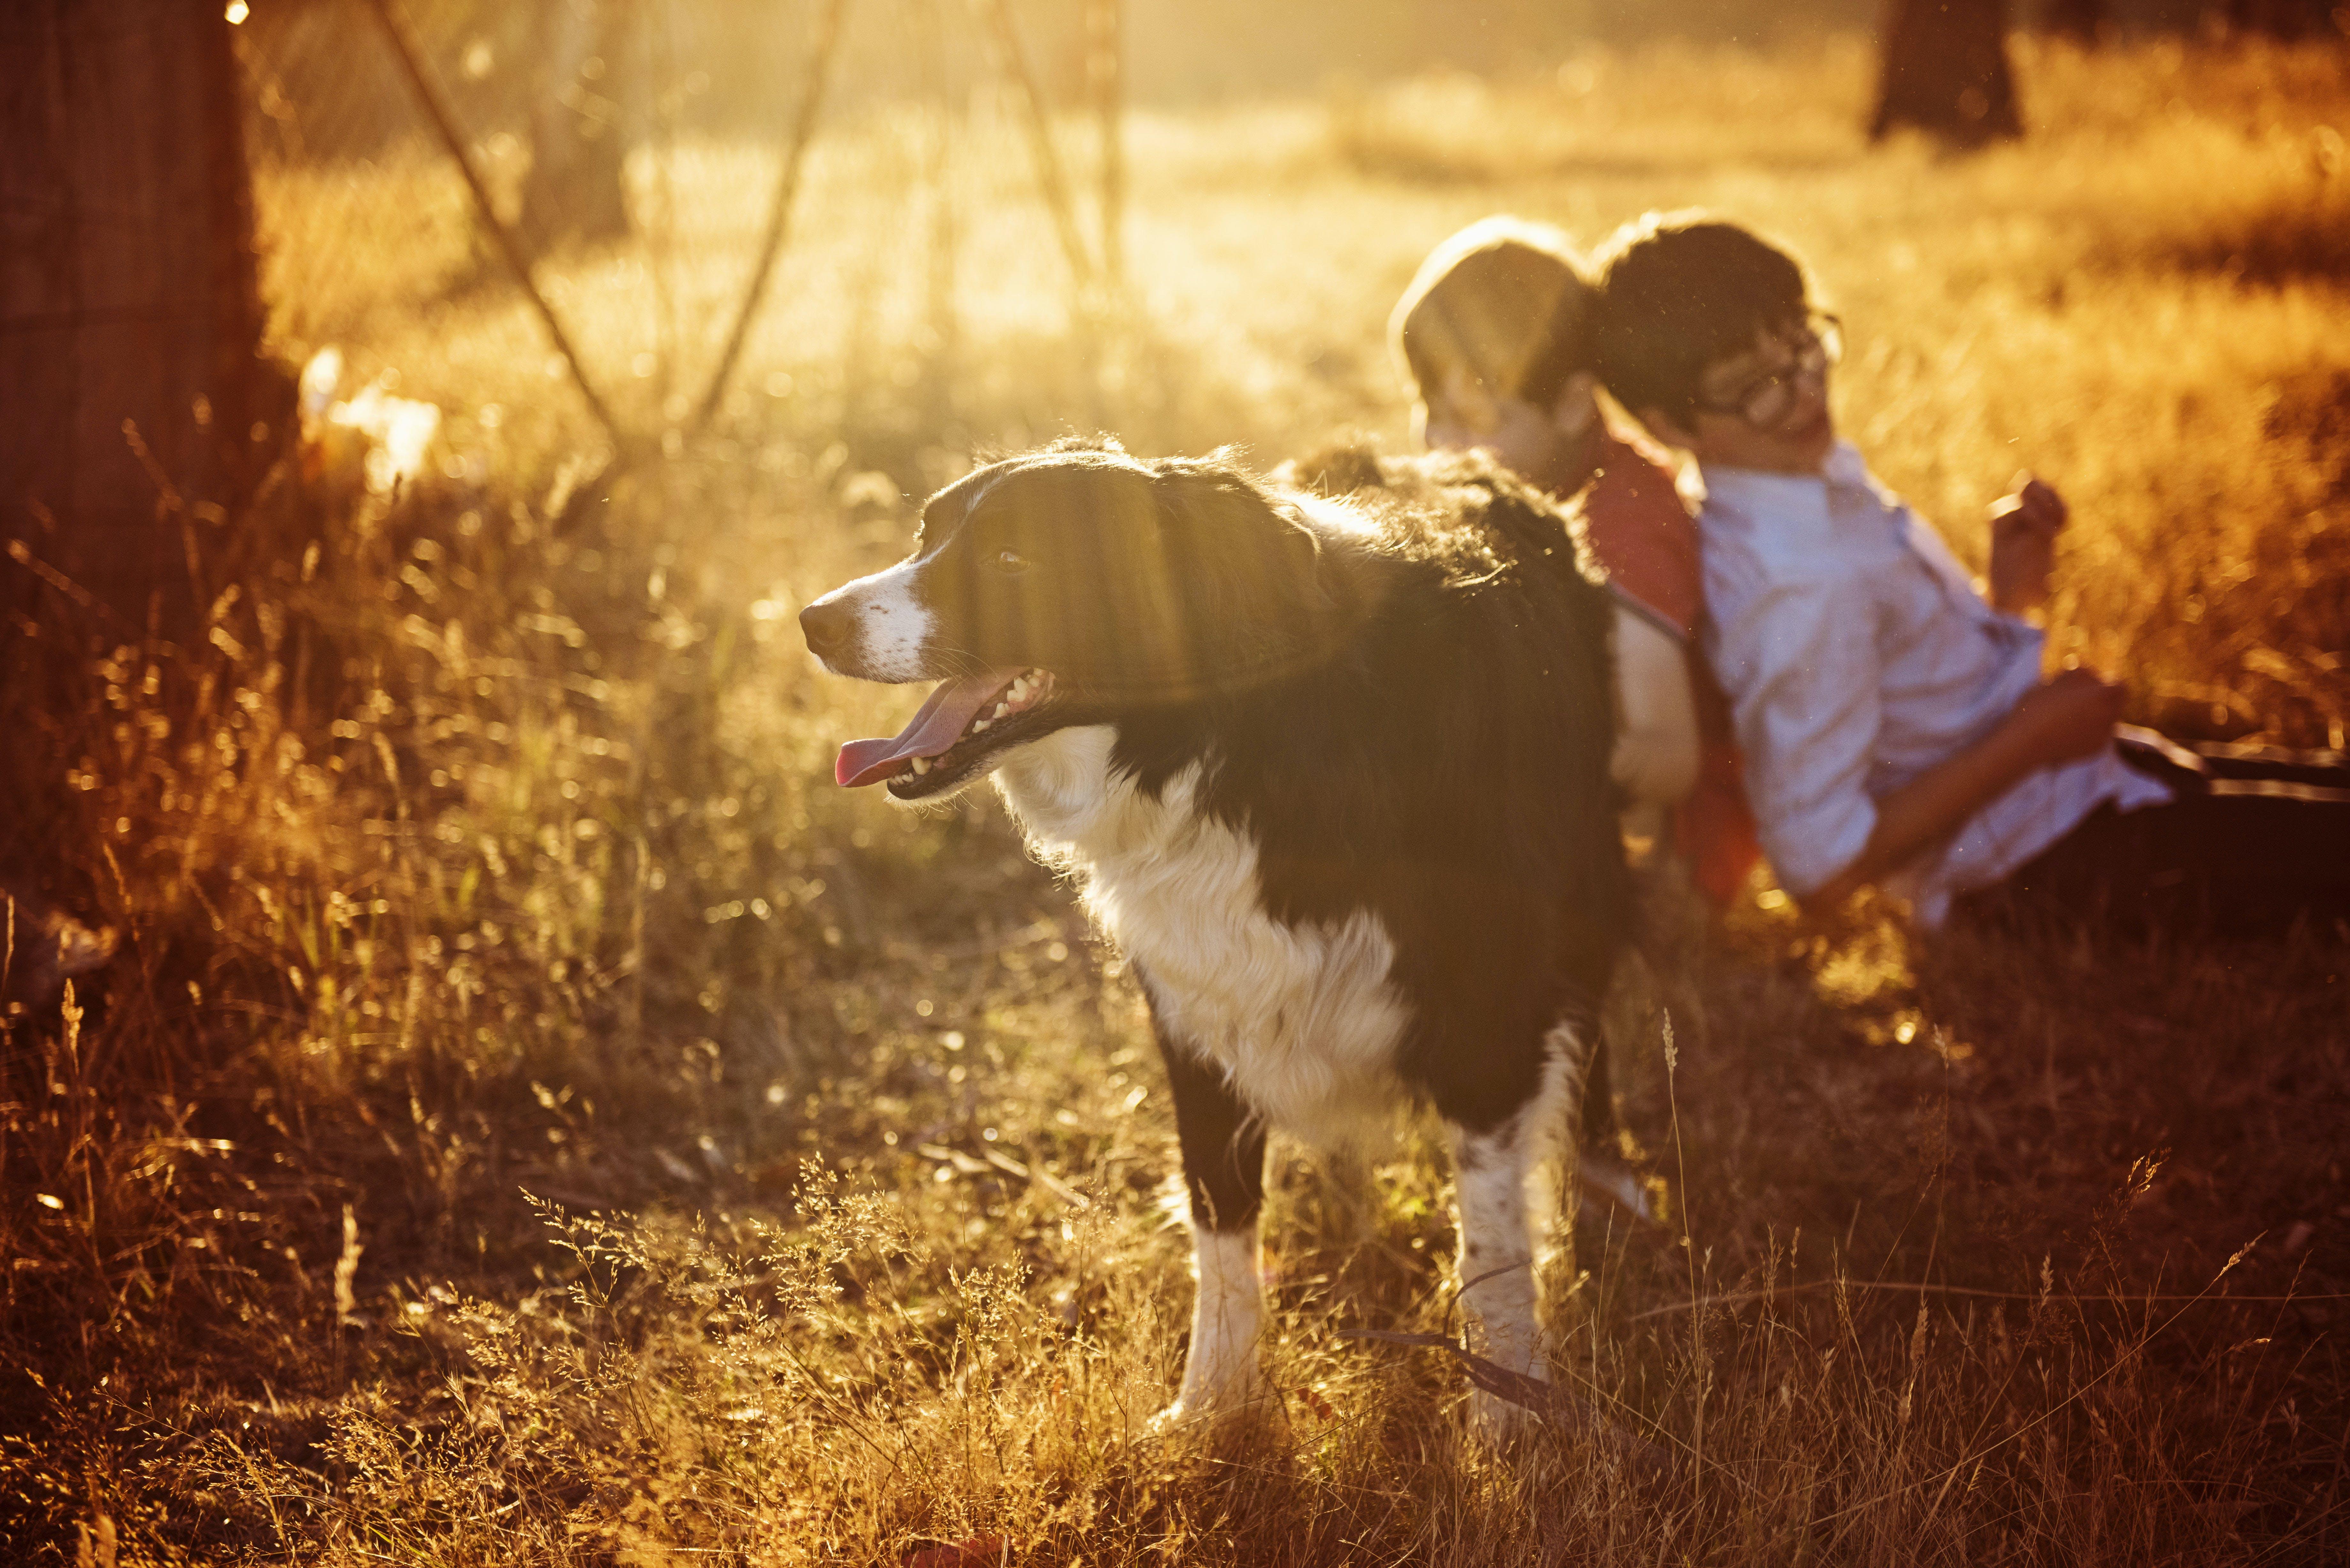 Základová fotografie zdarma na téma bratr, děti, dětství, farma